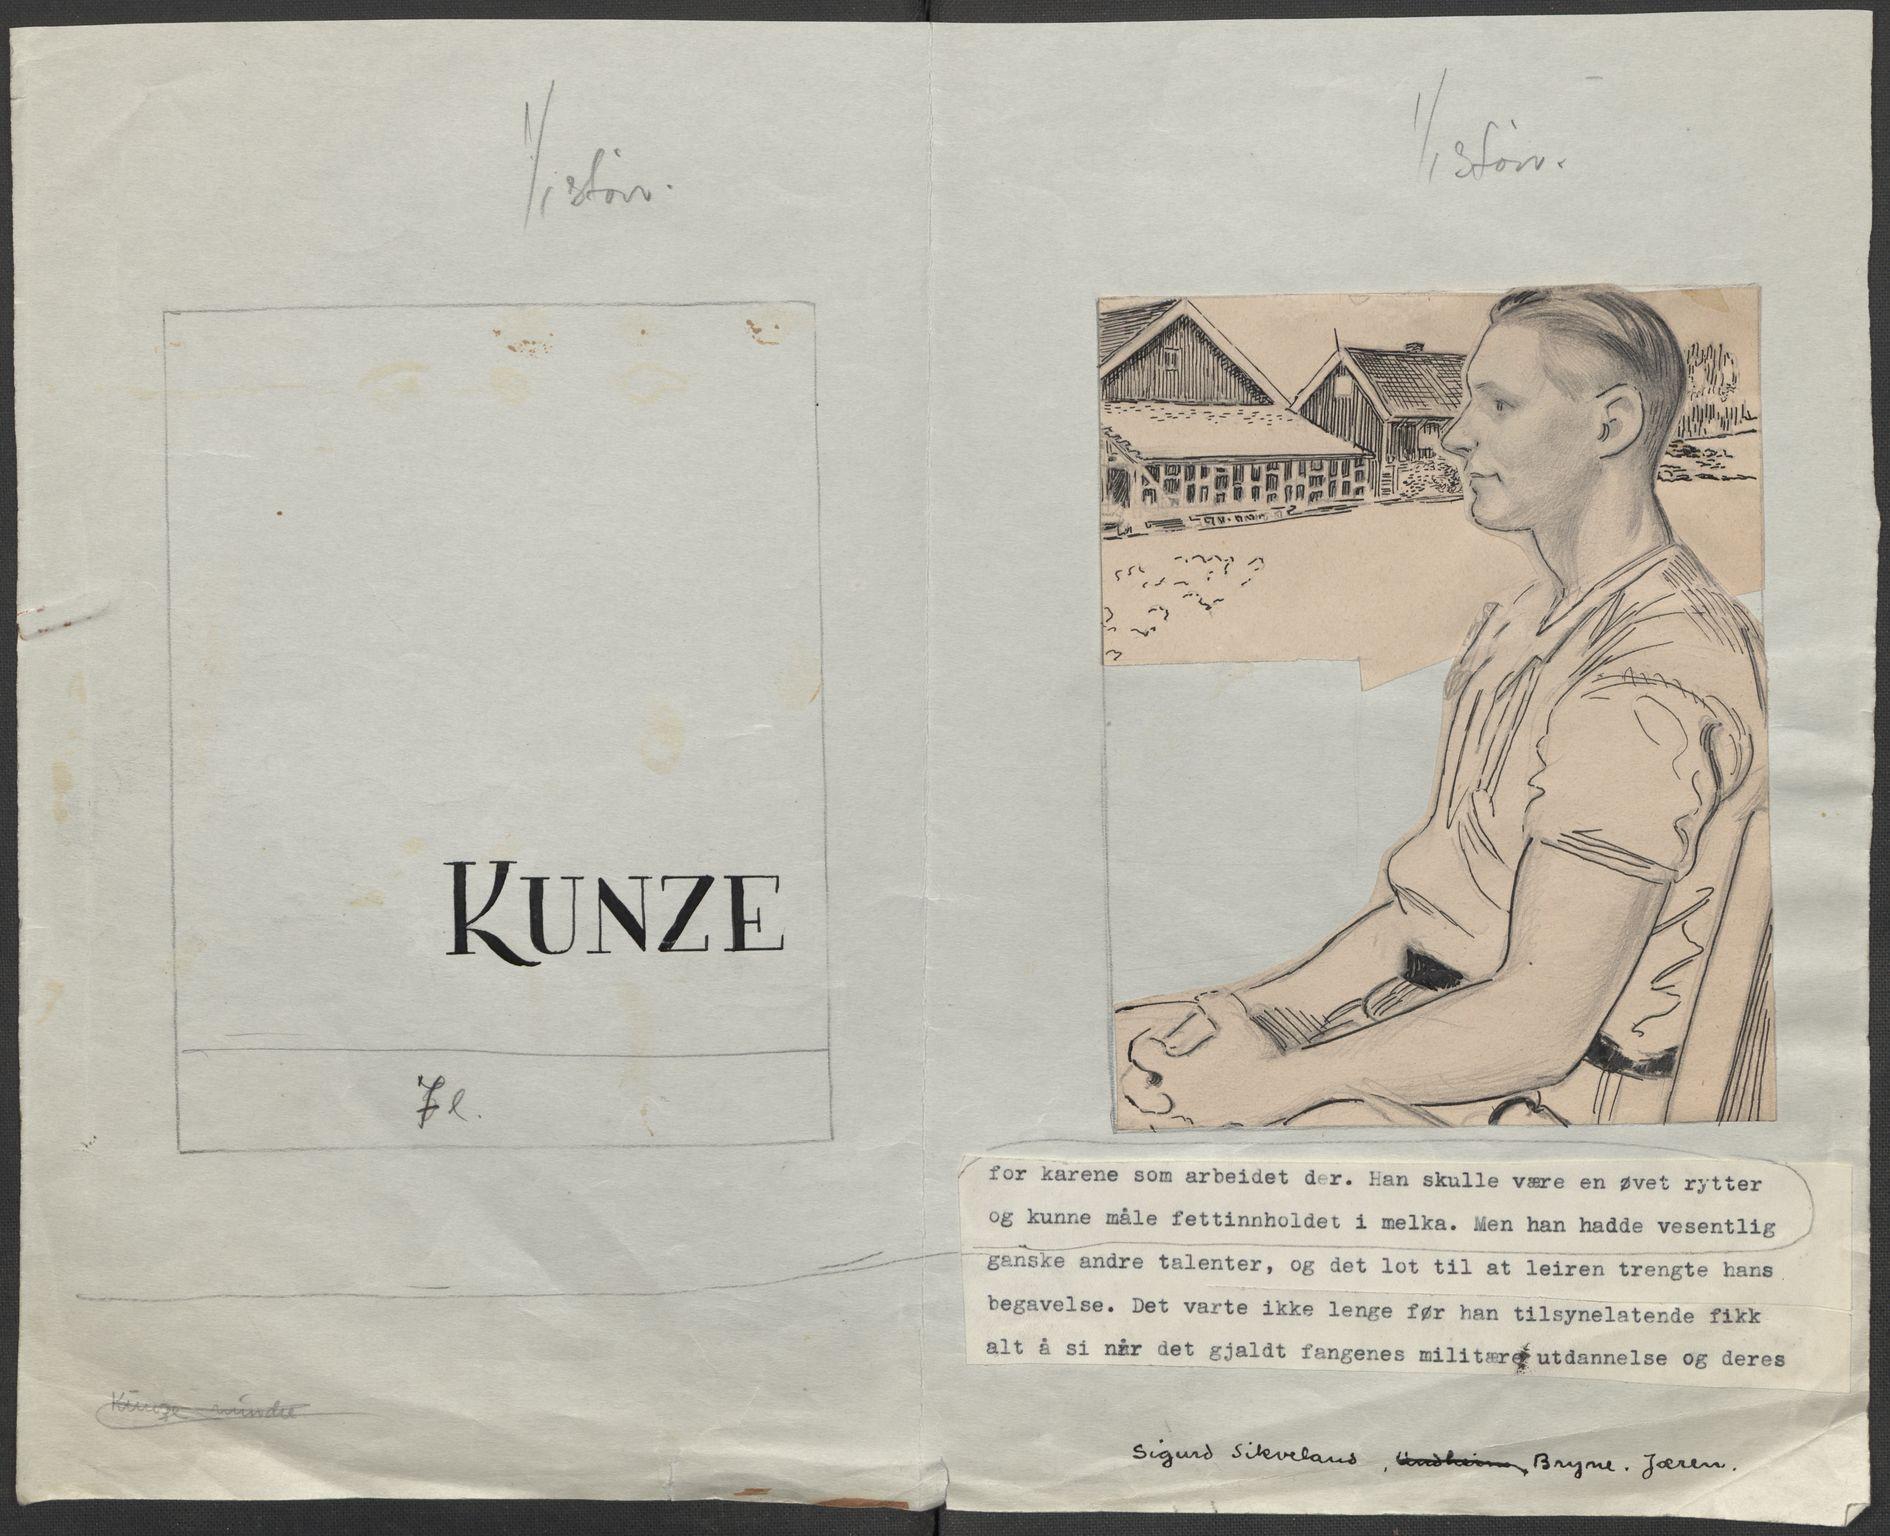 RA, Grøgaard, Joachim, F/L0002: Tegninger og tekster, 1942-1945, s. 104